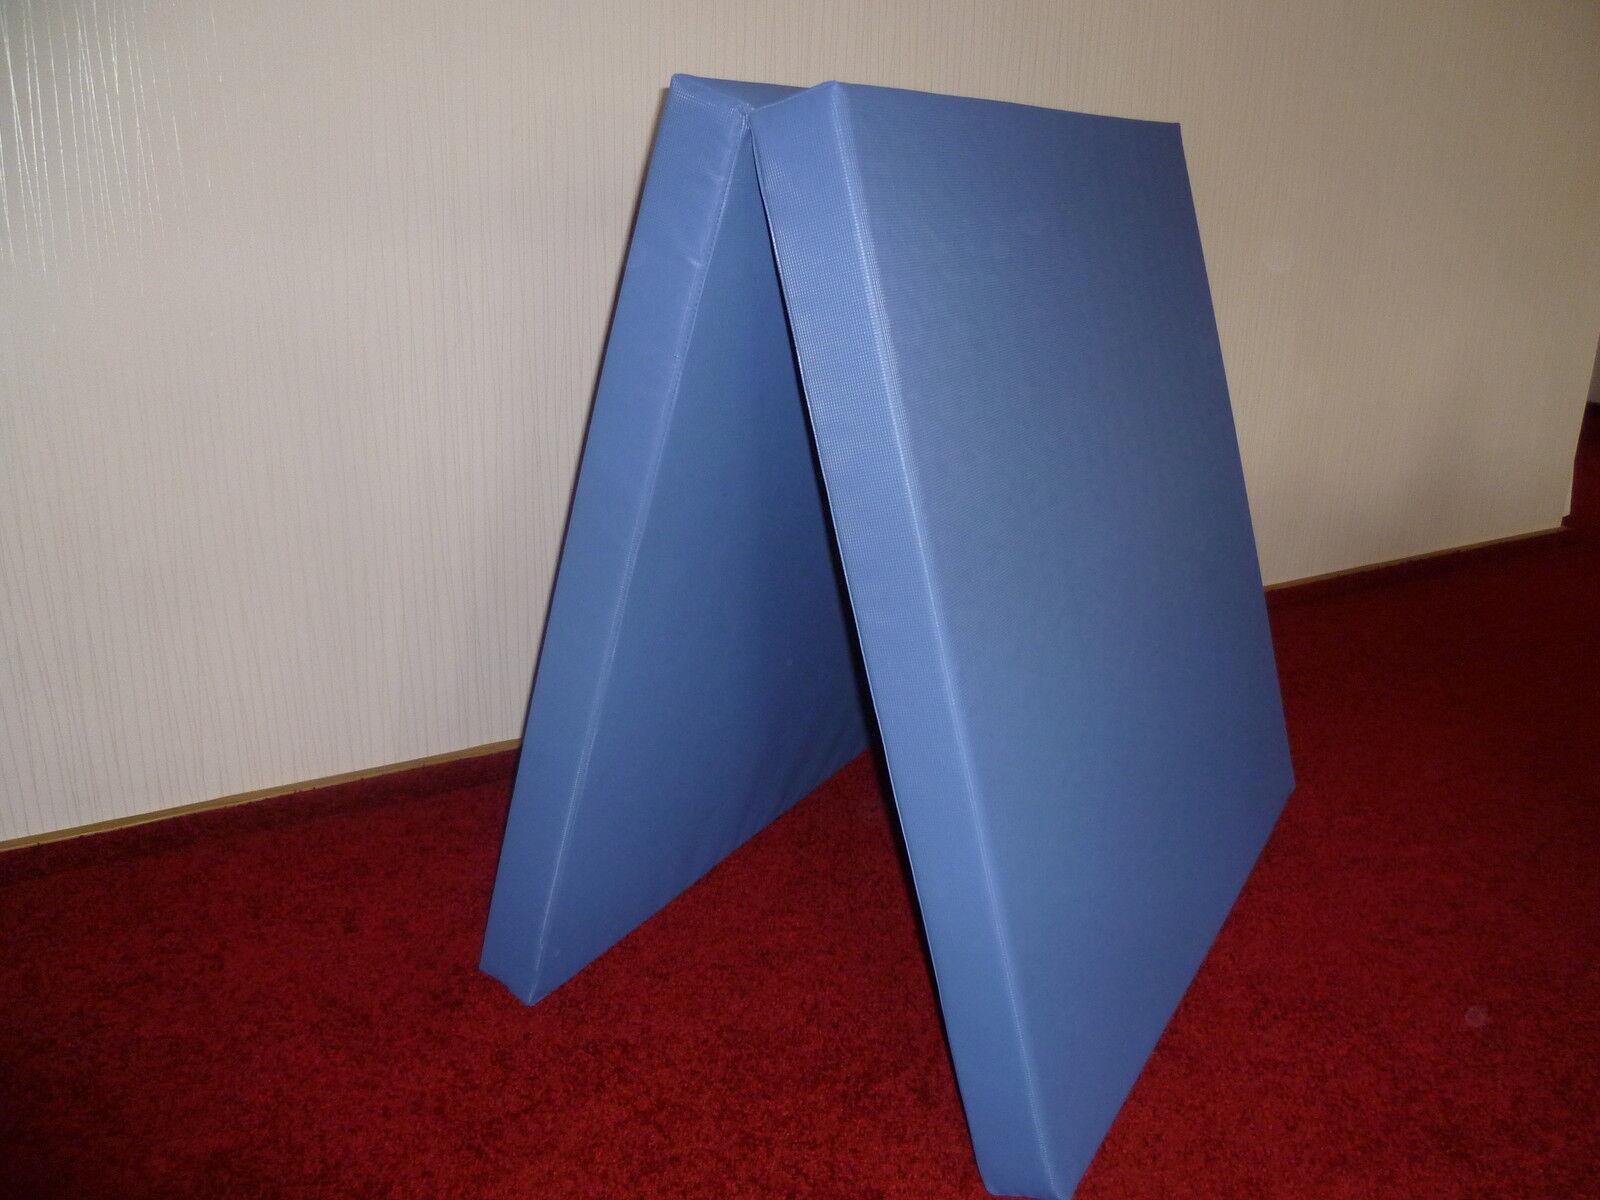 Weichbodenmatte, Weichboden, Turnmatte 200 x 100 x 10 cm -  klappbar blau